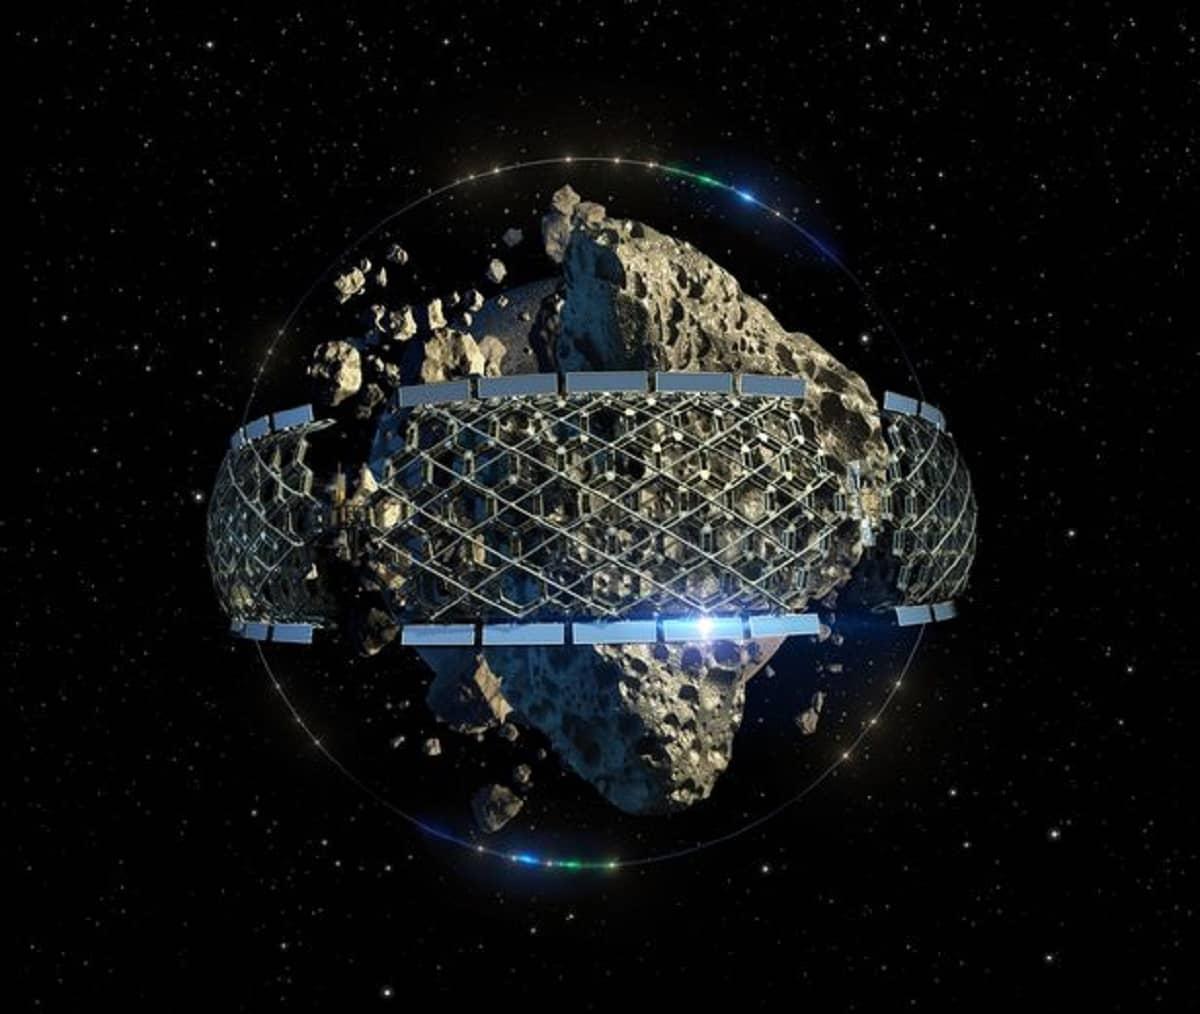 Individuato asteroide valutato otre 10 trilioni di euro |  si prospetta un'insolita missione spaziale